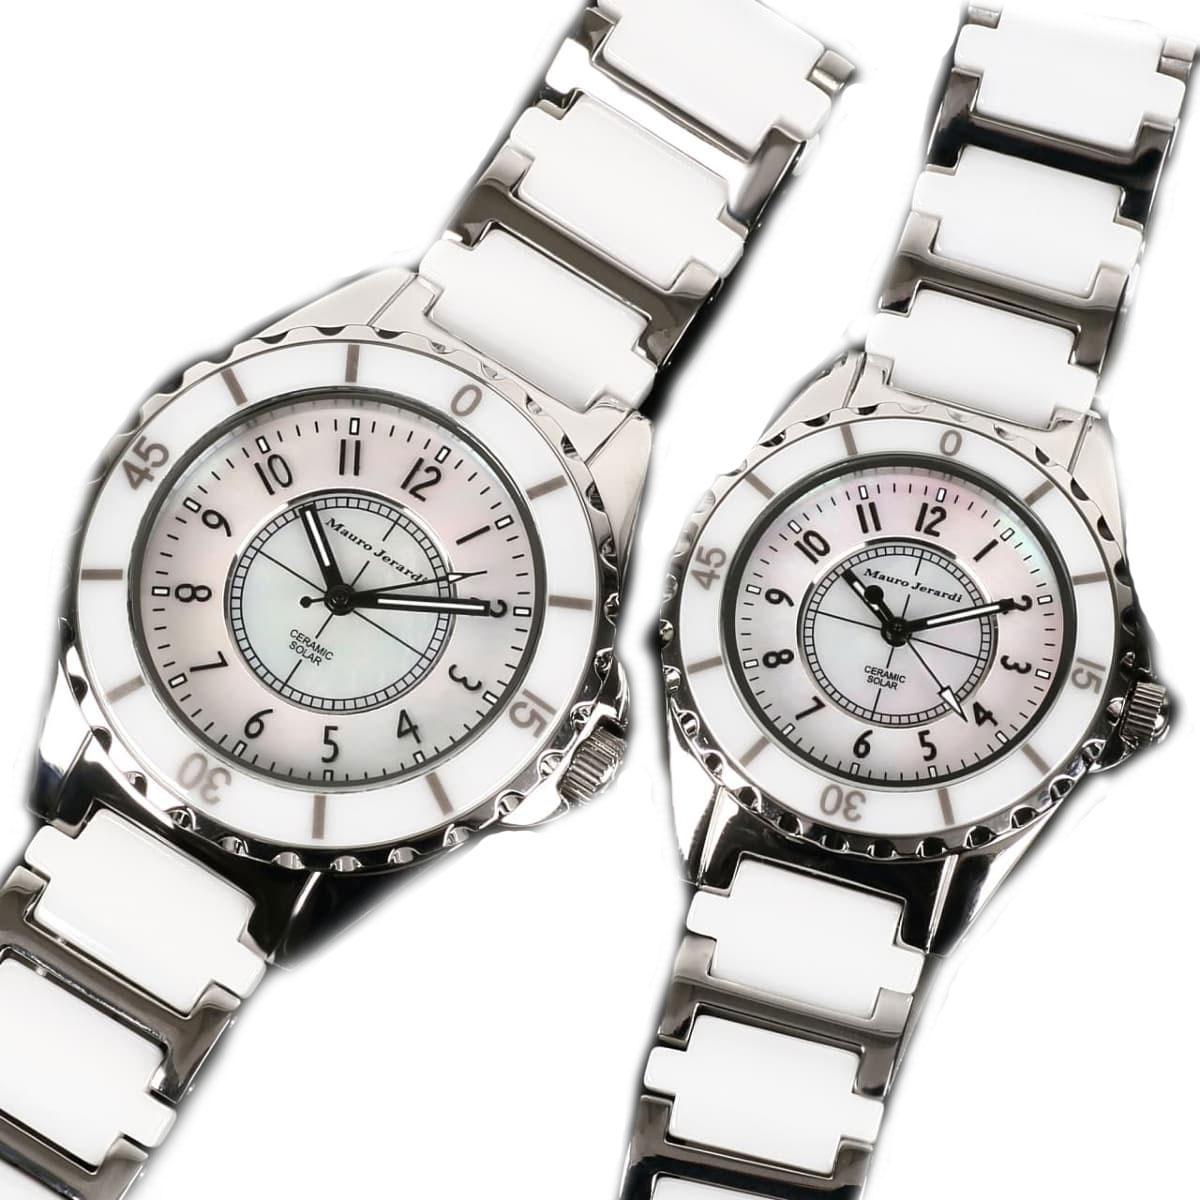 マウロジェラルディ 腕時計 ペア ペアウォッチ Mauro Jerardi ソーラー MJ041-2 MJ042-2